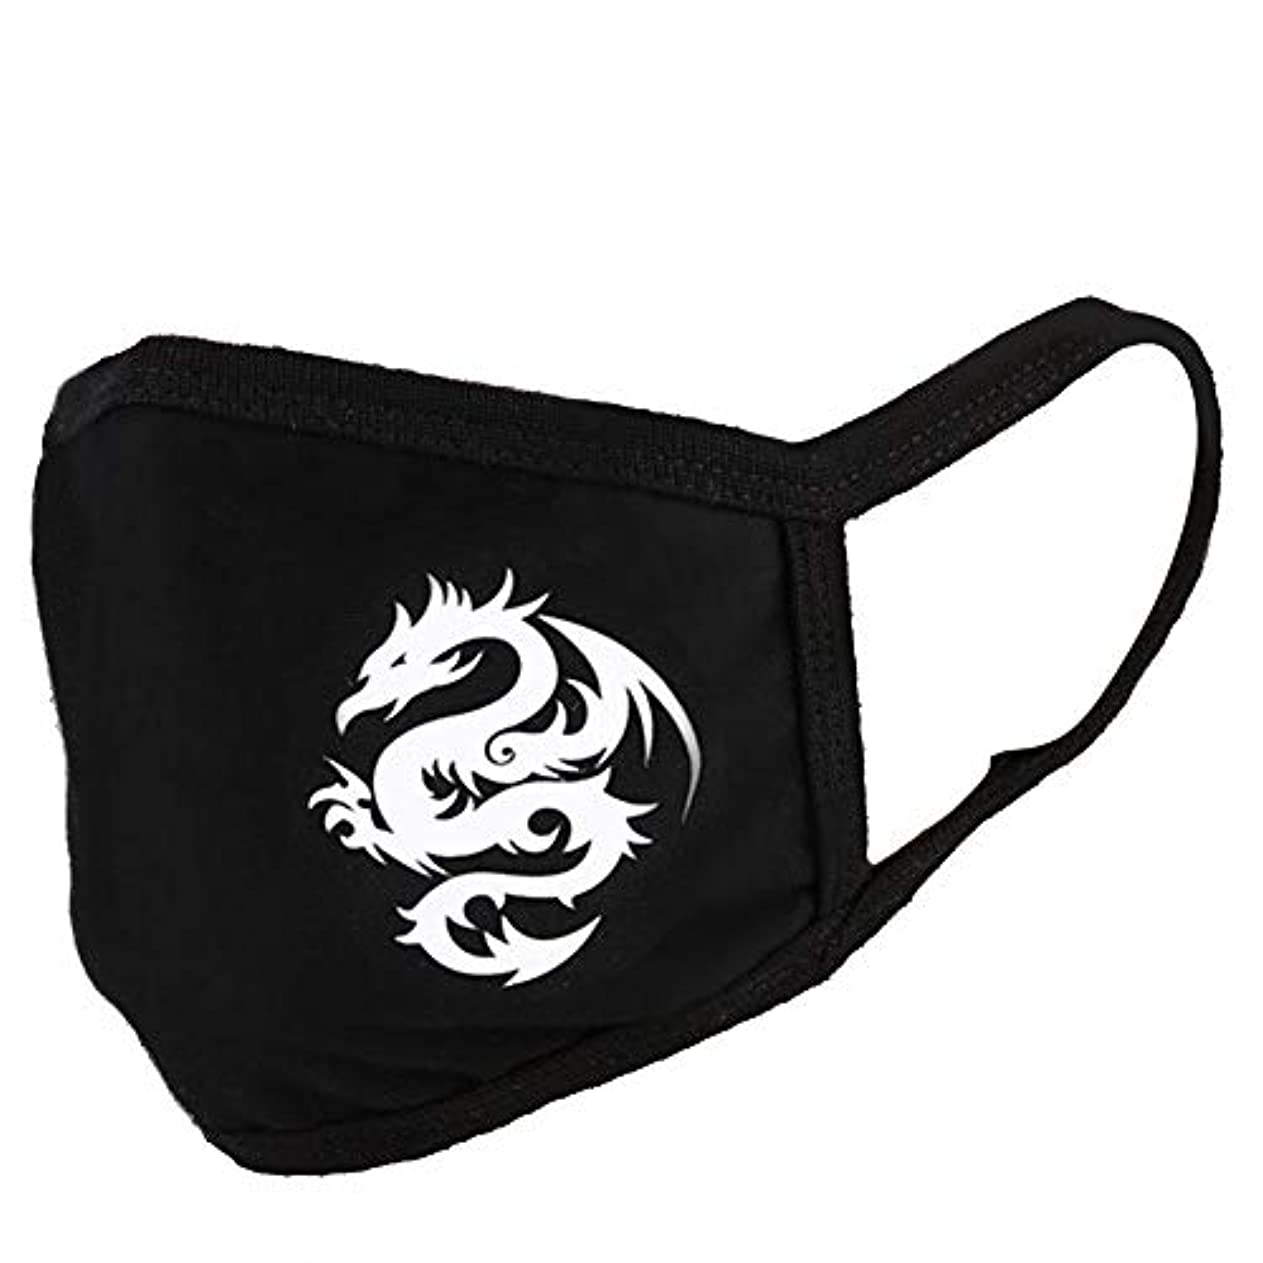 売上高分析的なスポーツをする口マスク、ファッション漫画のダストとヘイズマスク綿顔黒口マッフル旅行口マスク(翼竜)